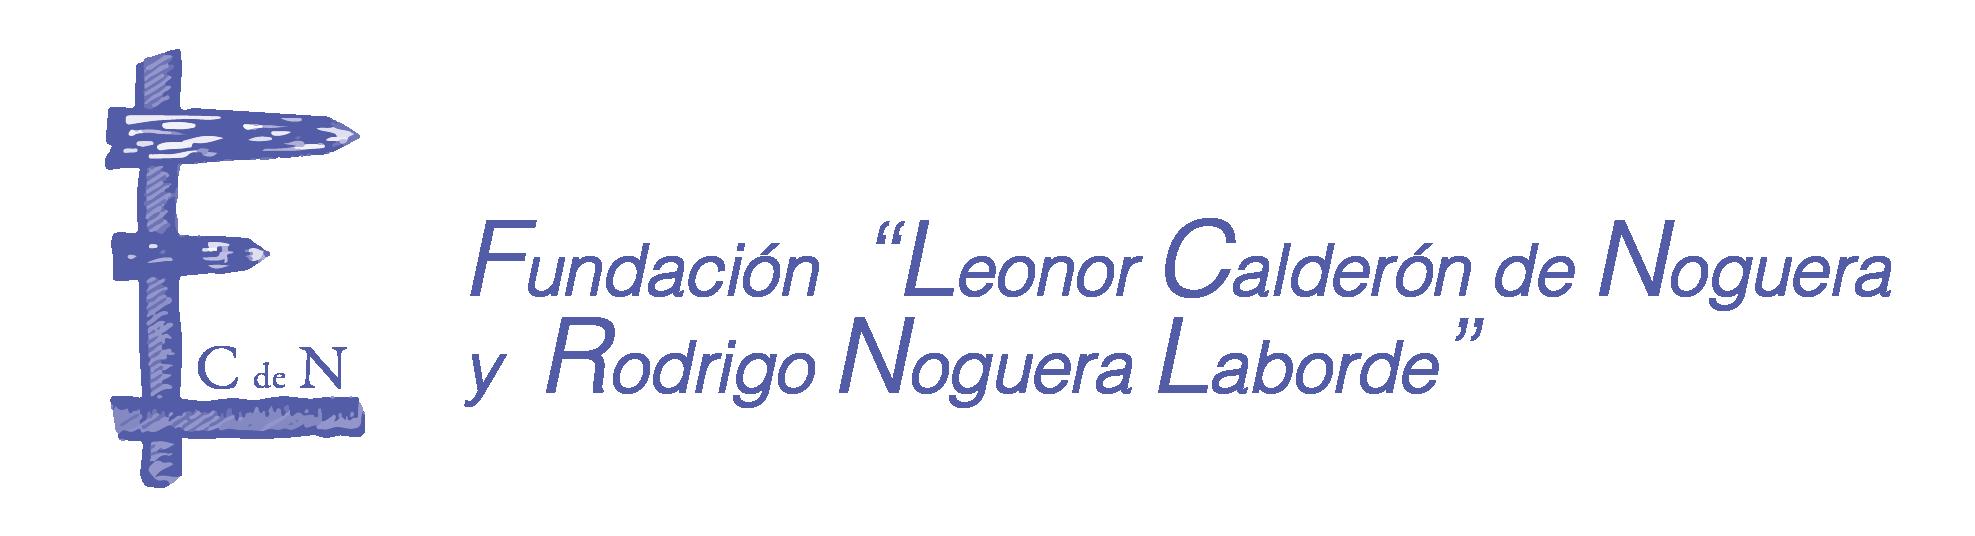 Fundación Leonor Calderon de Noguera y Rodrigo Noguera Laborde